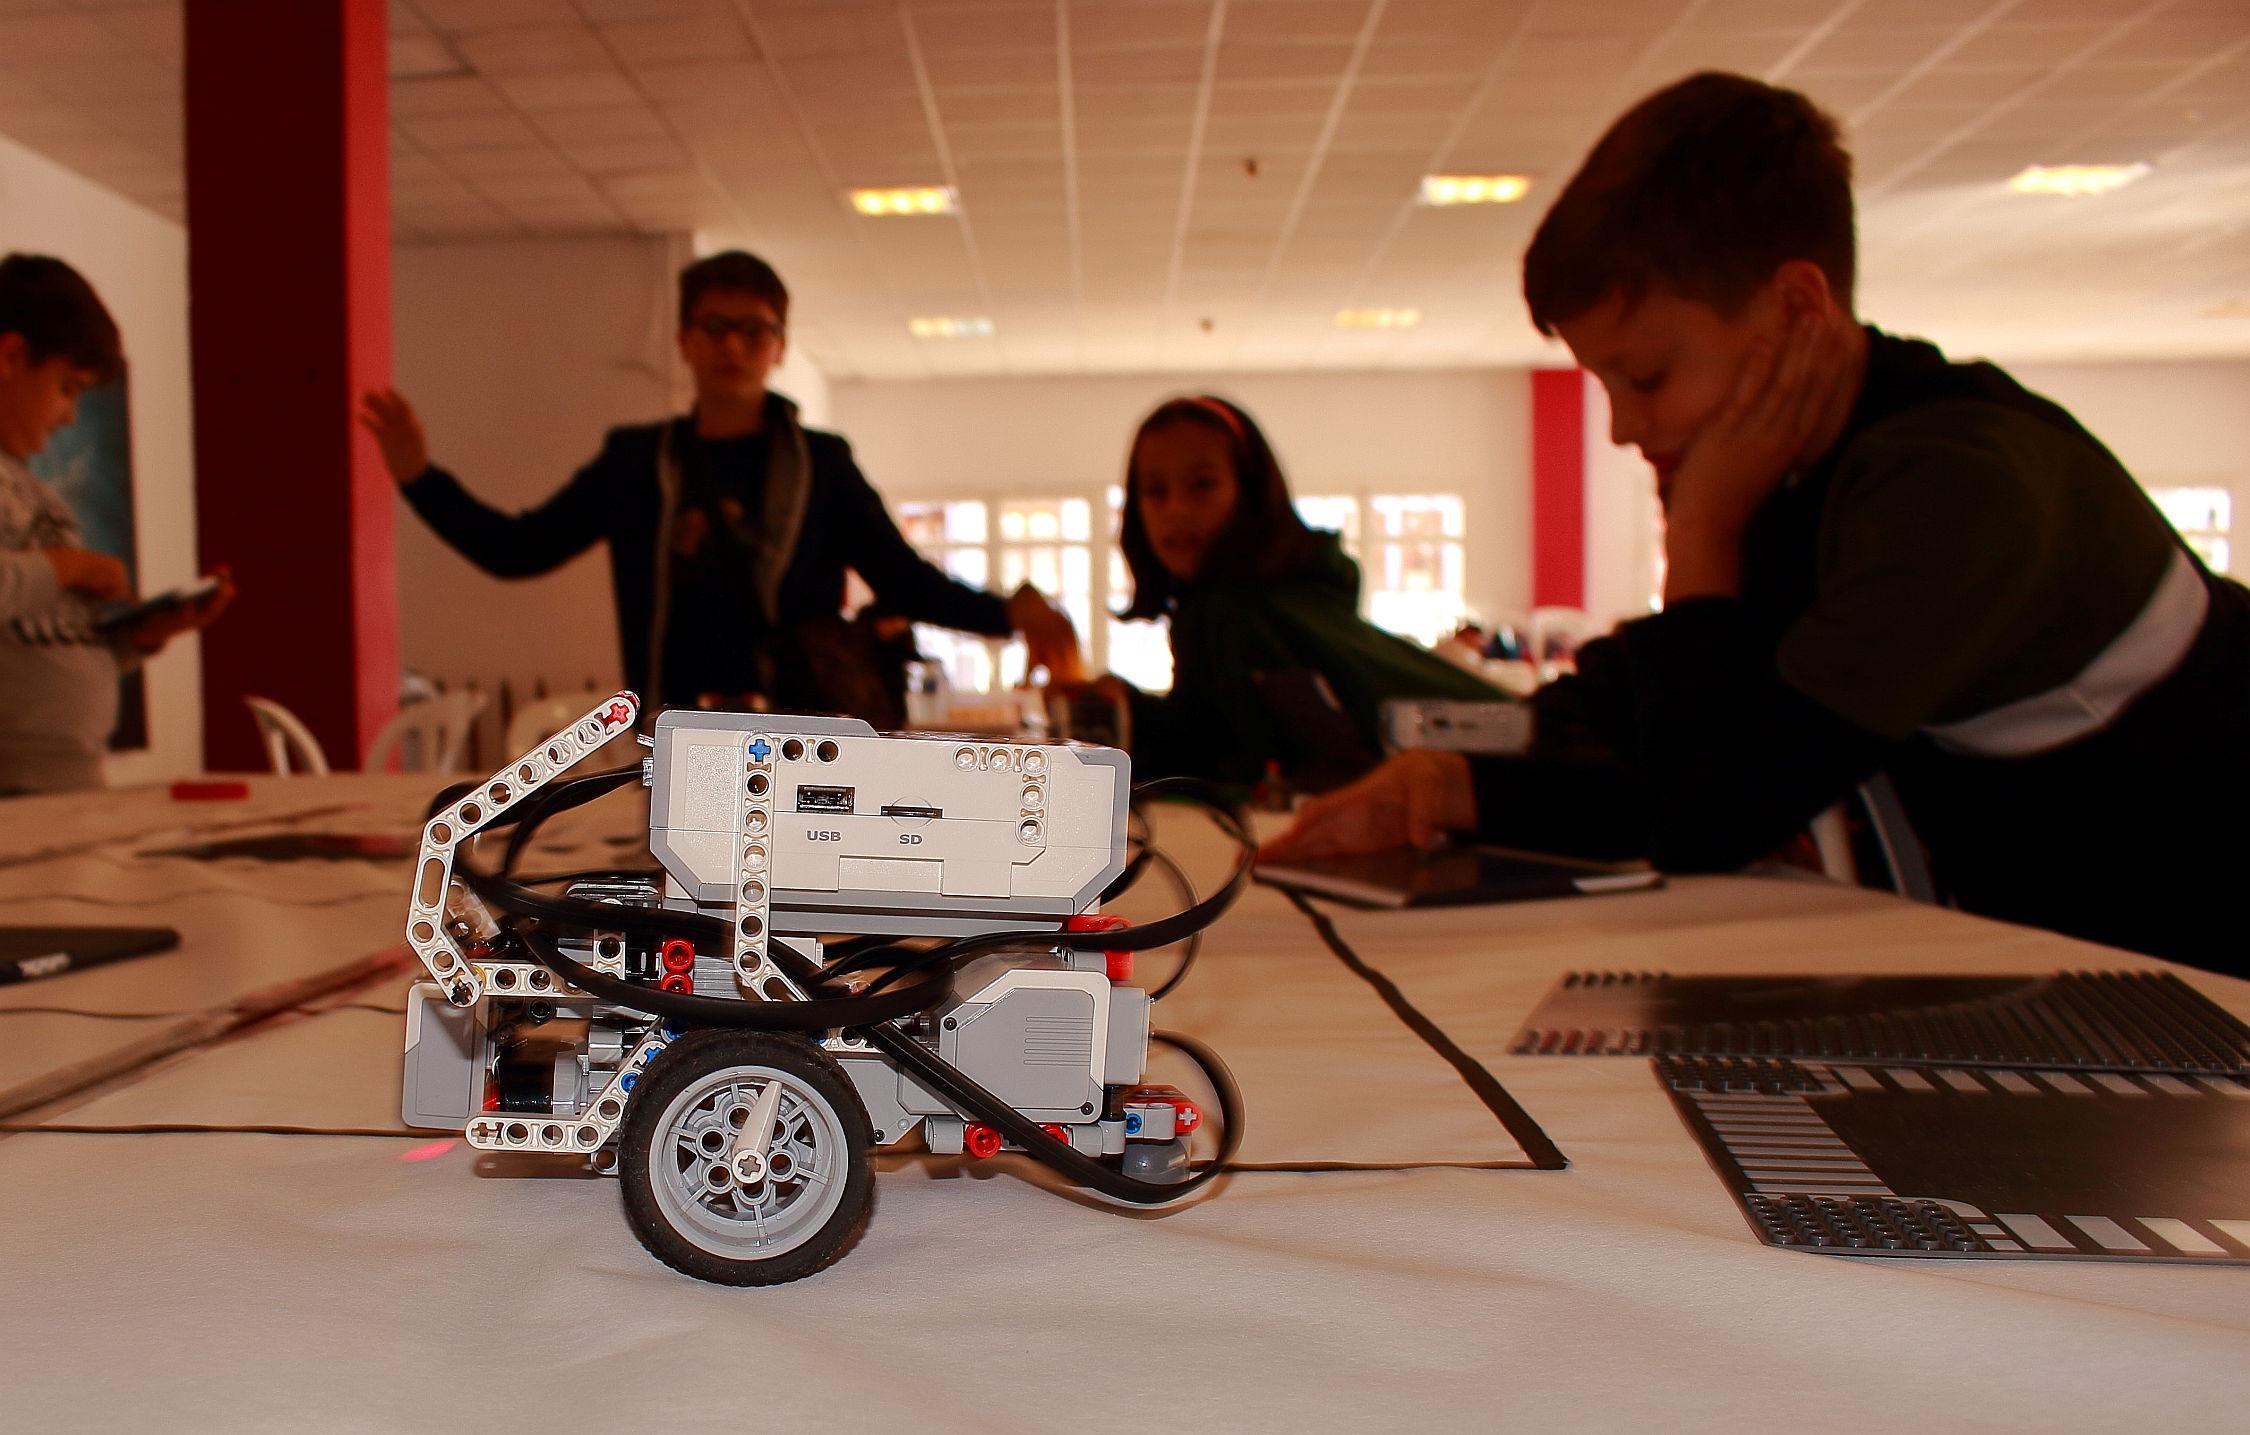 Talleres robotica ciudad inteligente lego 2